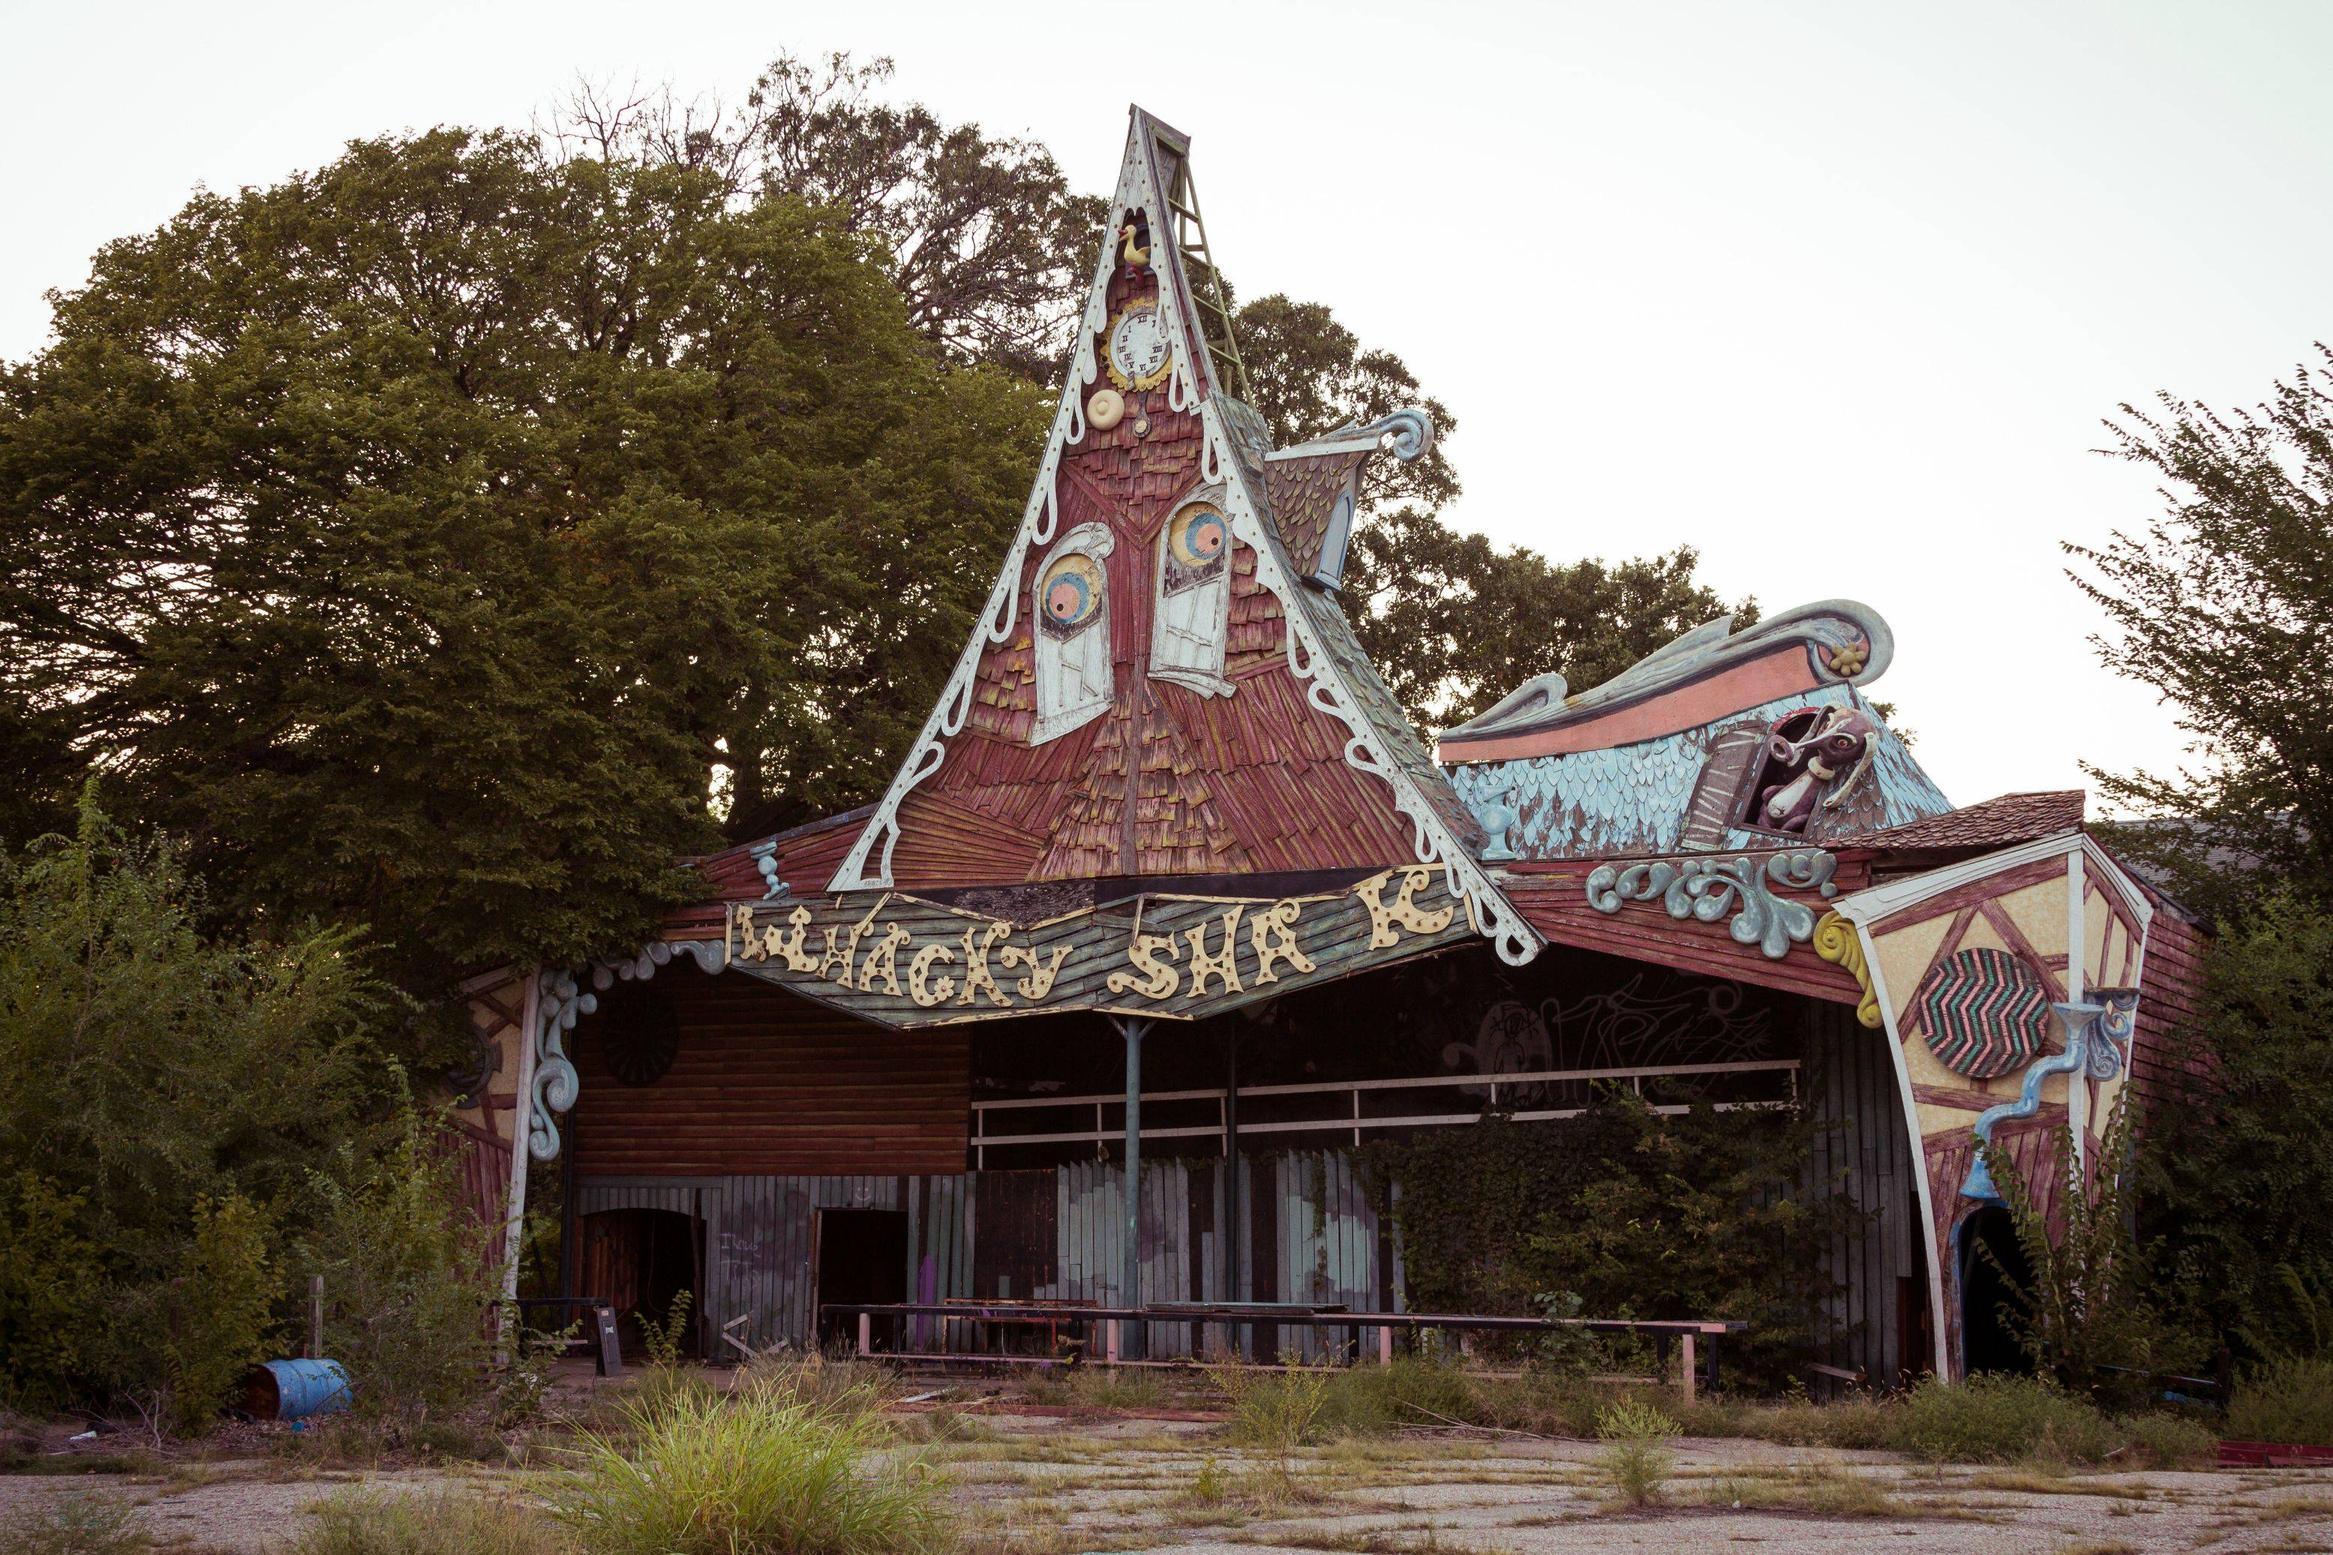 whacky-shack